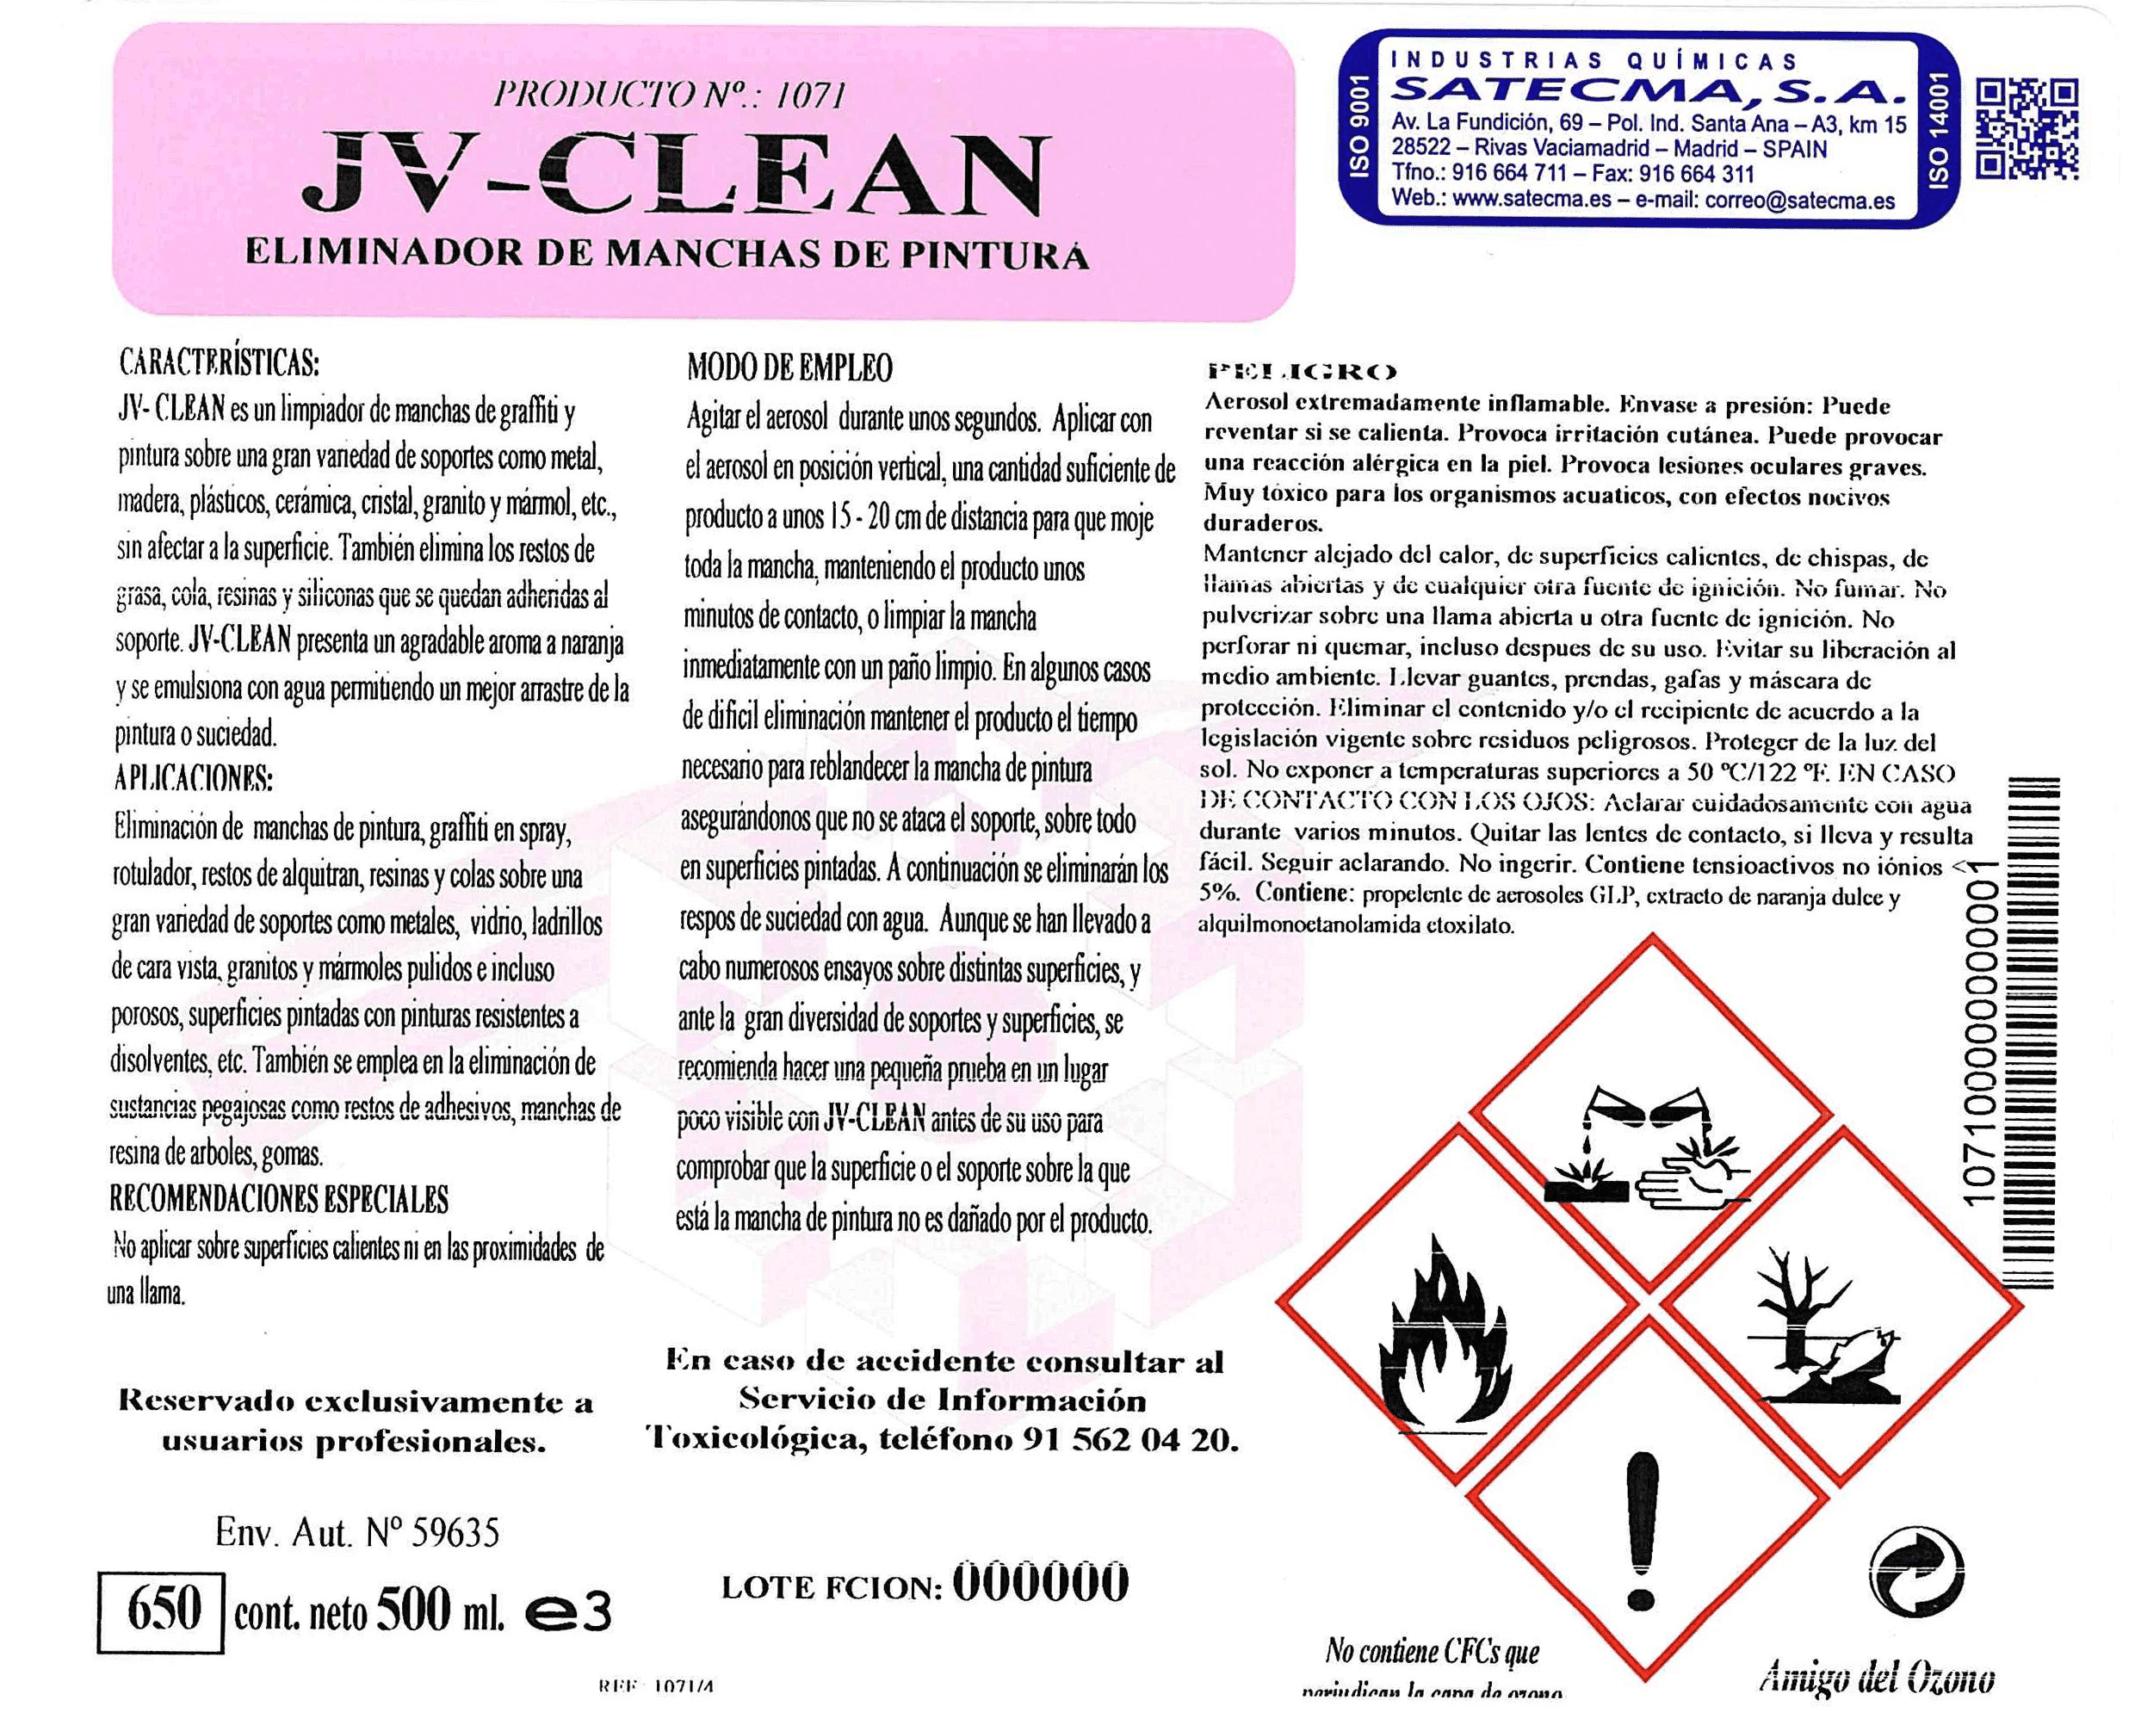 limpiador manchas pintura